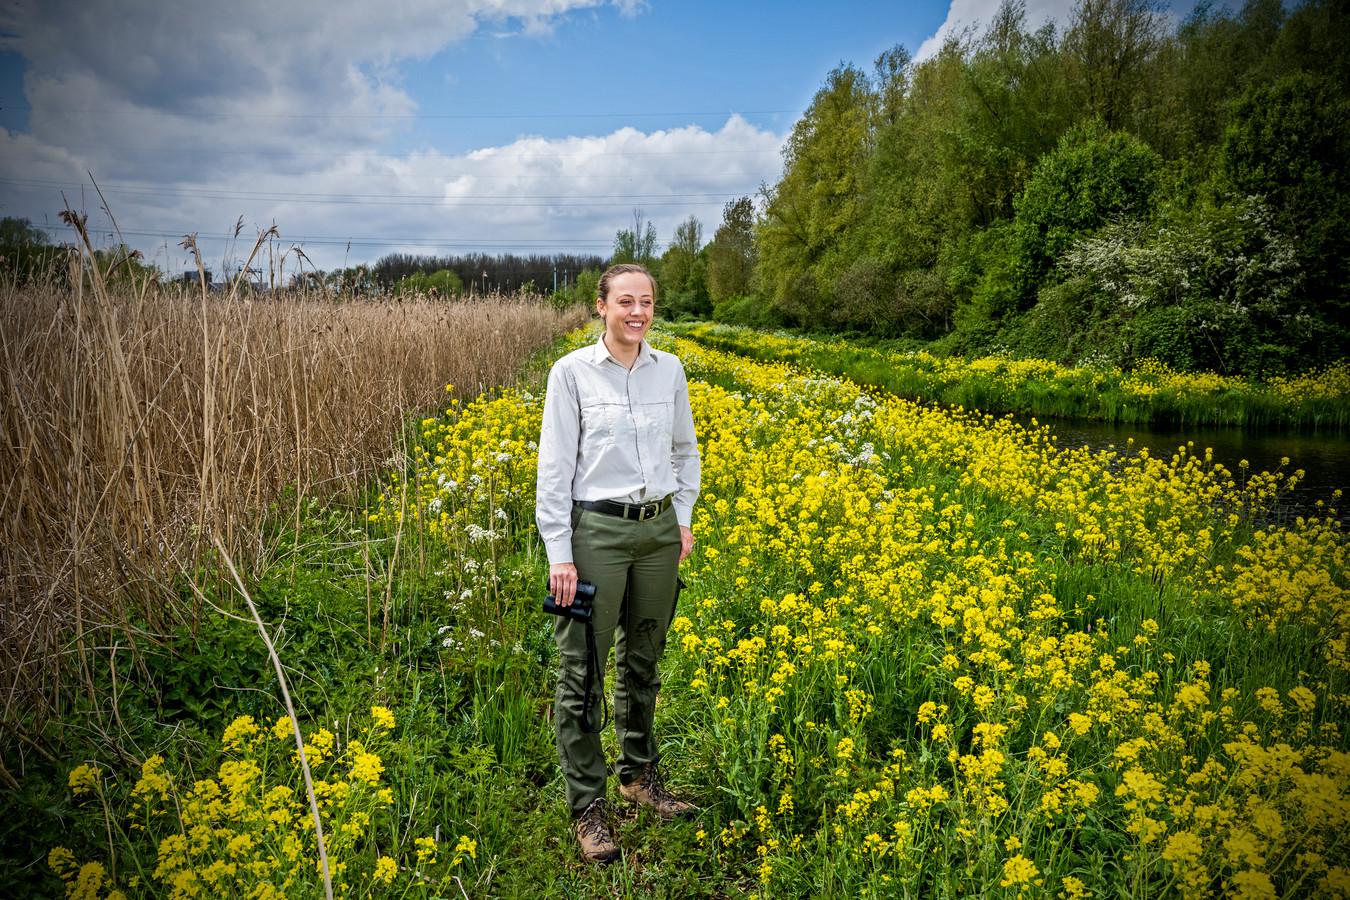 """Boswachter Lisa Wassenaar van Staatsbosbeheer tussen het koolzaad in de Poldervaart: ,,Waar mensen eerst lekker alleen wandelden, komen ze nu groepen tegen."""""""